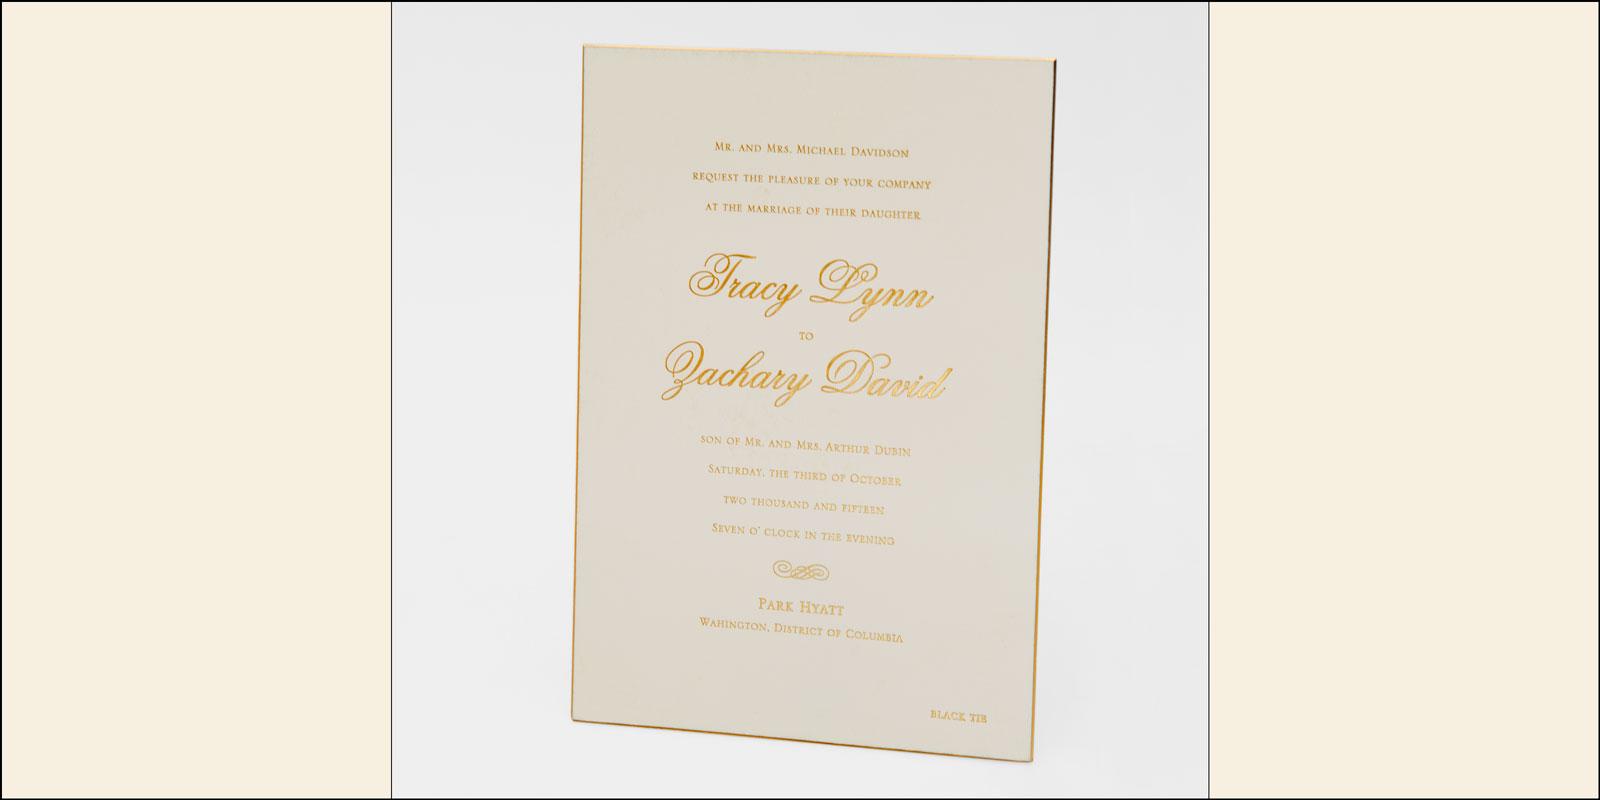 Tracy-Zachary-Invitation-3